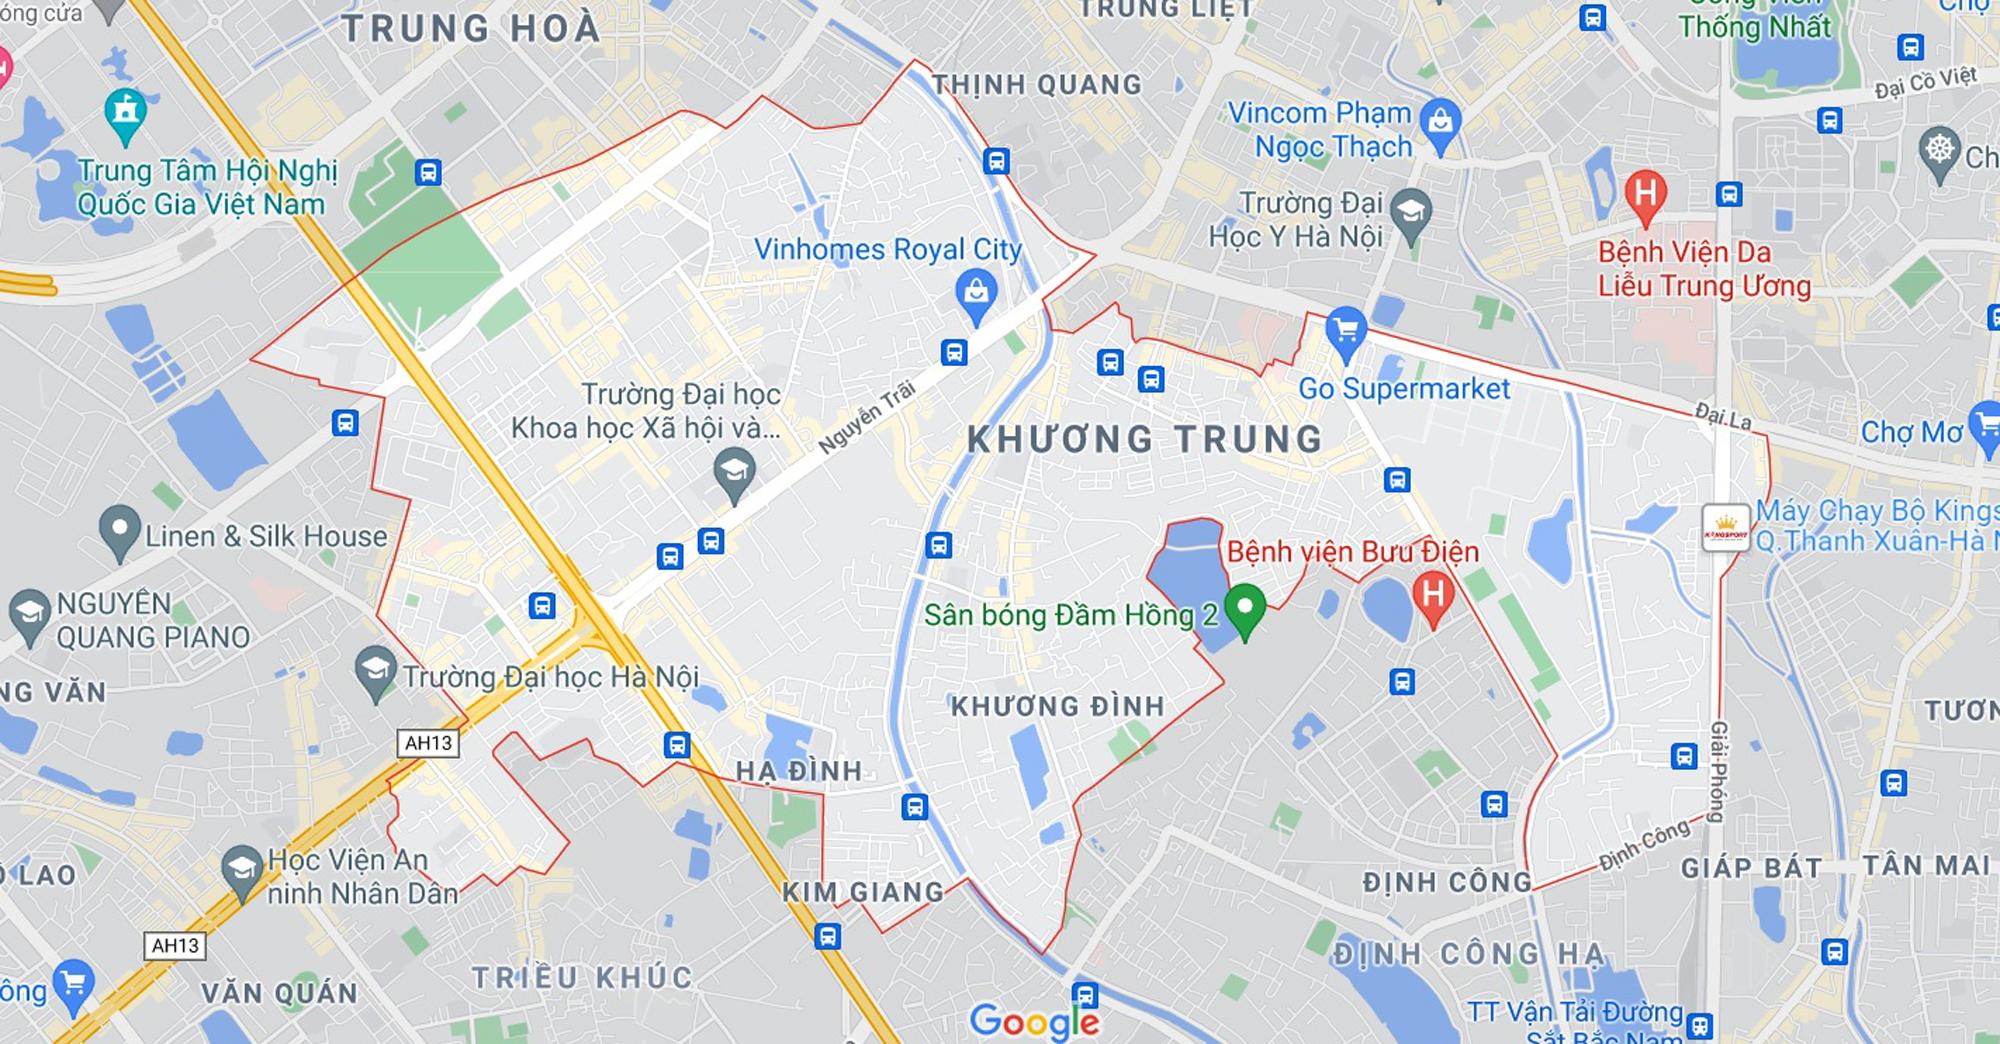 Những khu đất sắp thu hồi để mở đường ở quận Thanh Xuân, Hà Nội (phần 1) - Ảnh 1.